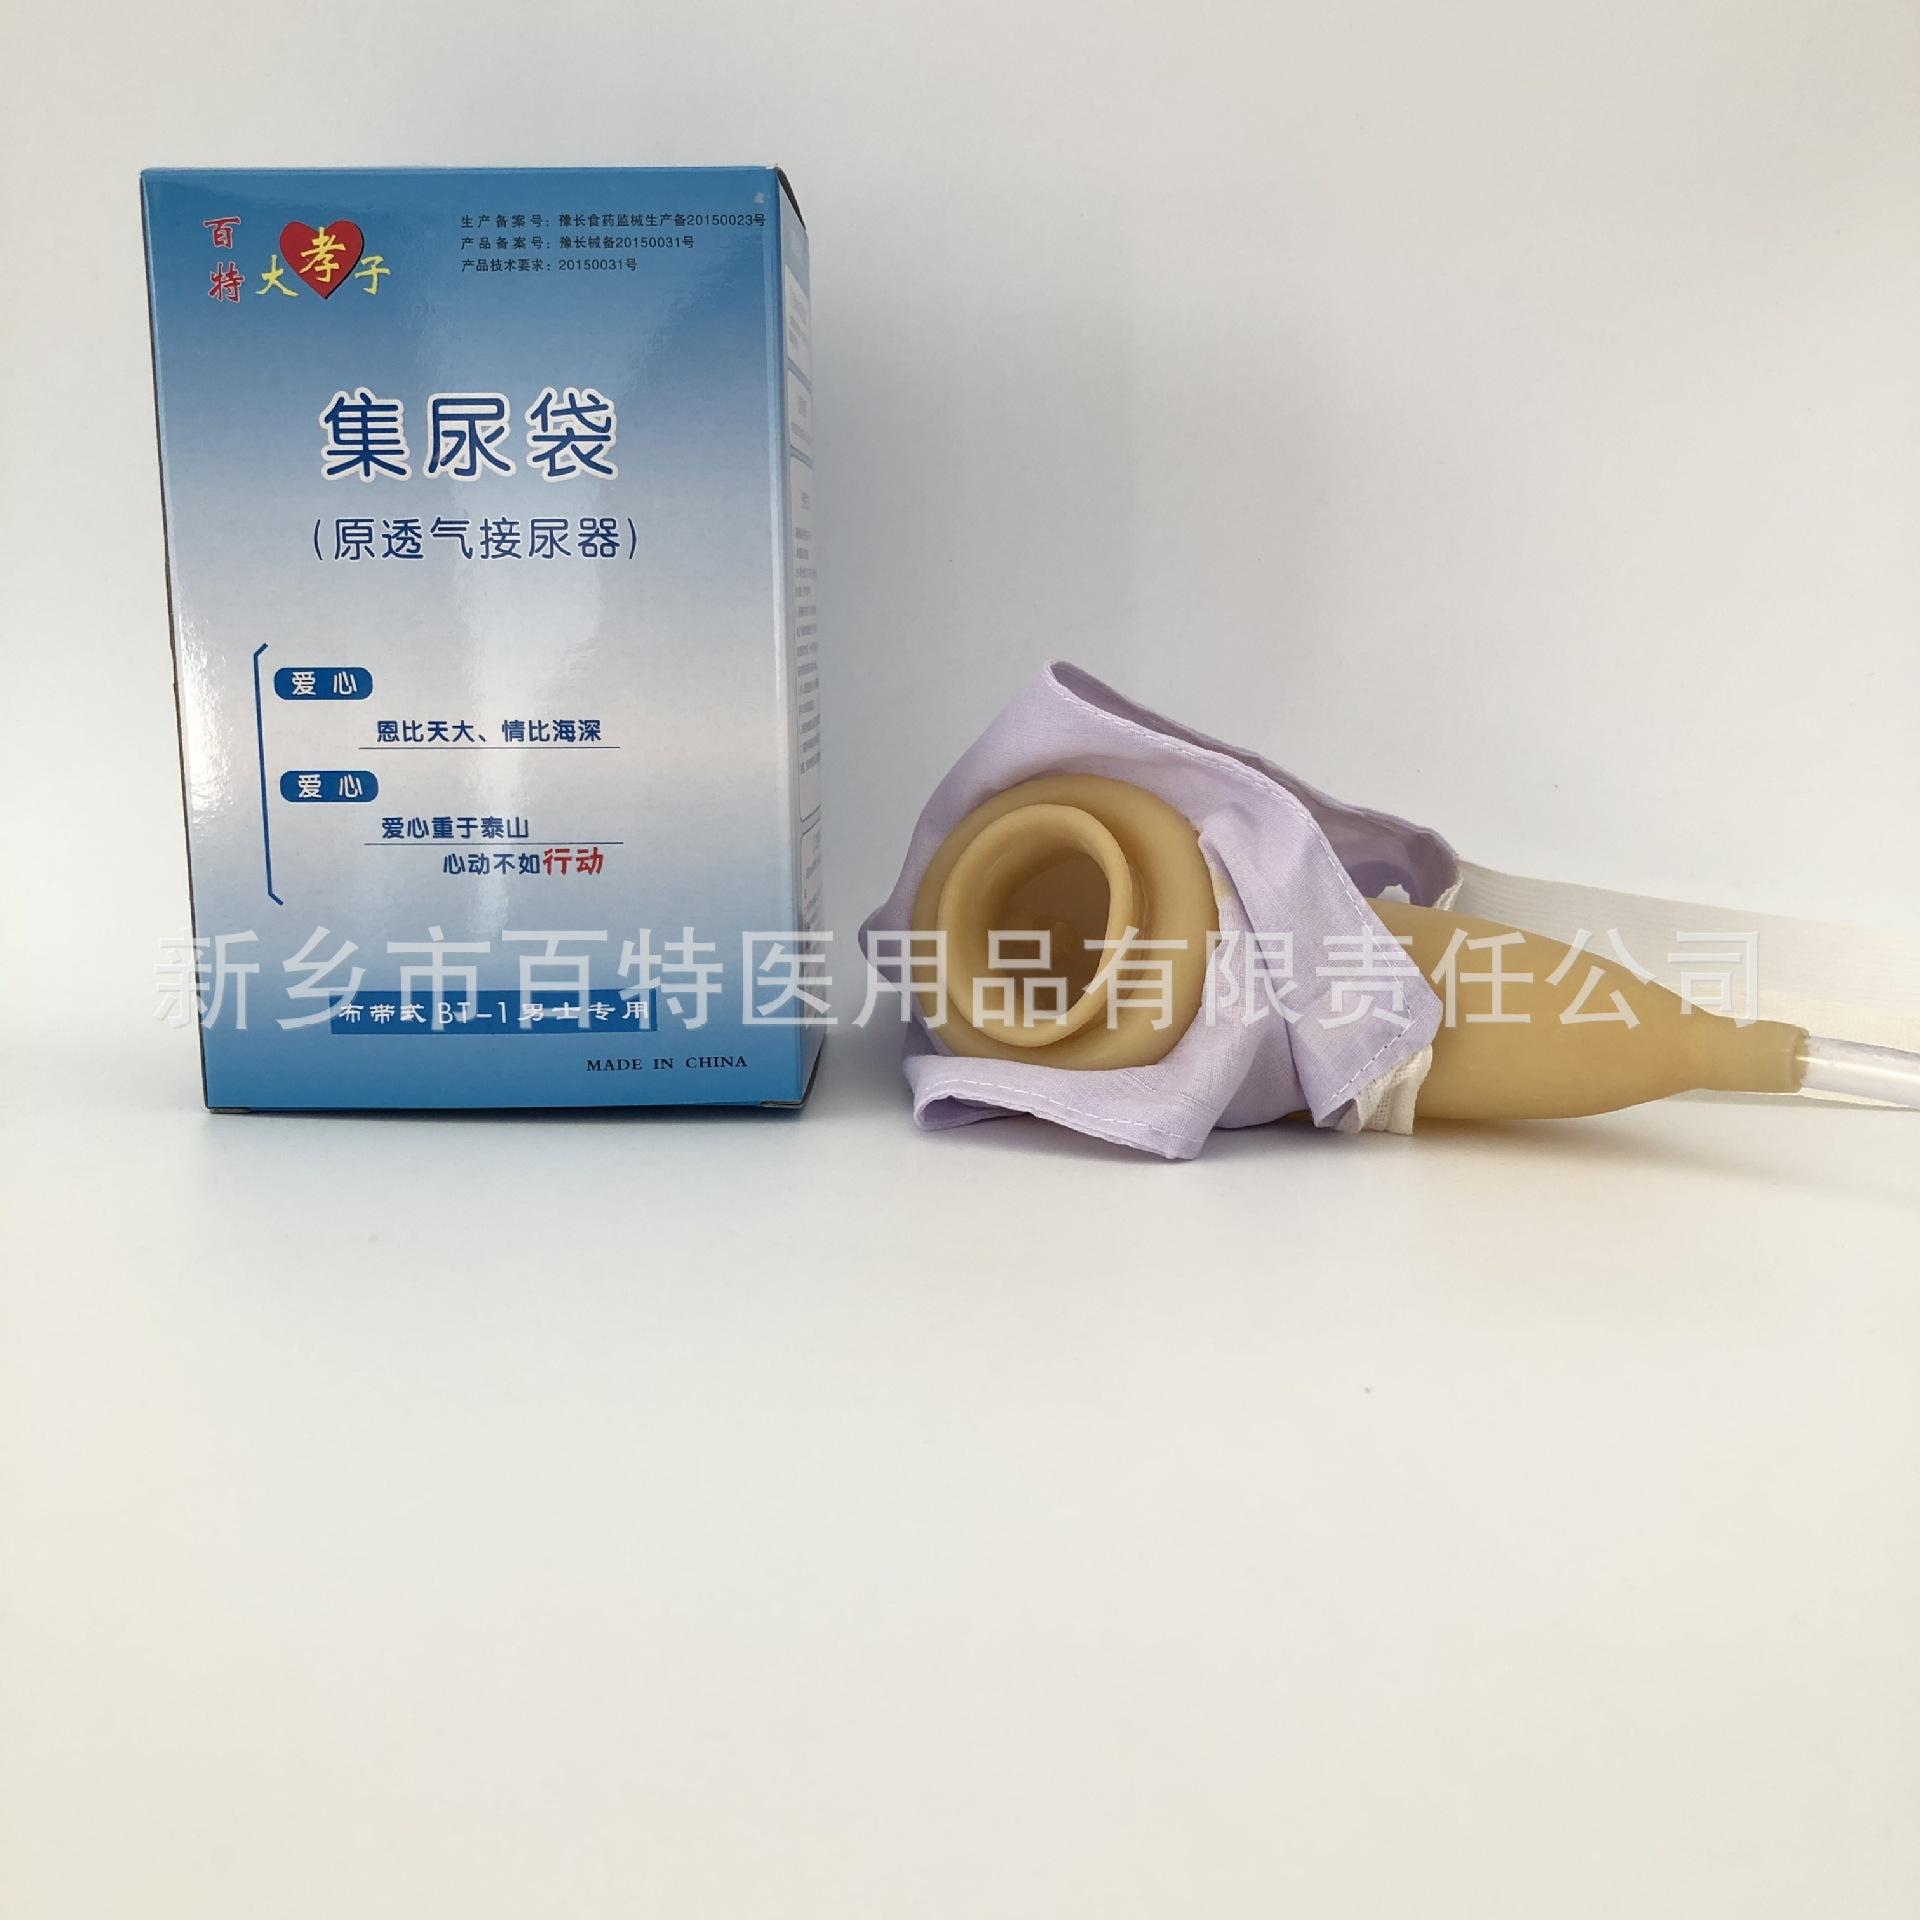 接尿器男士乳膠老人硅膠集尿袋偏癱臥床老年小便器透氣型-阿里巴巴